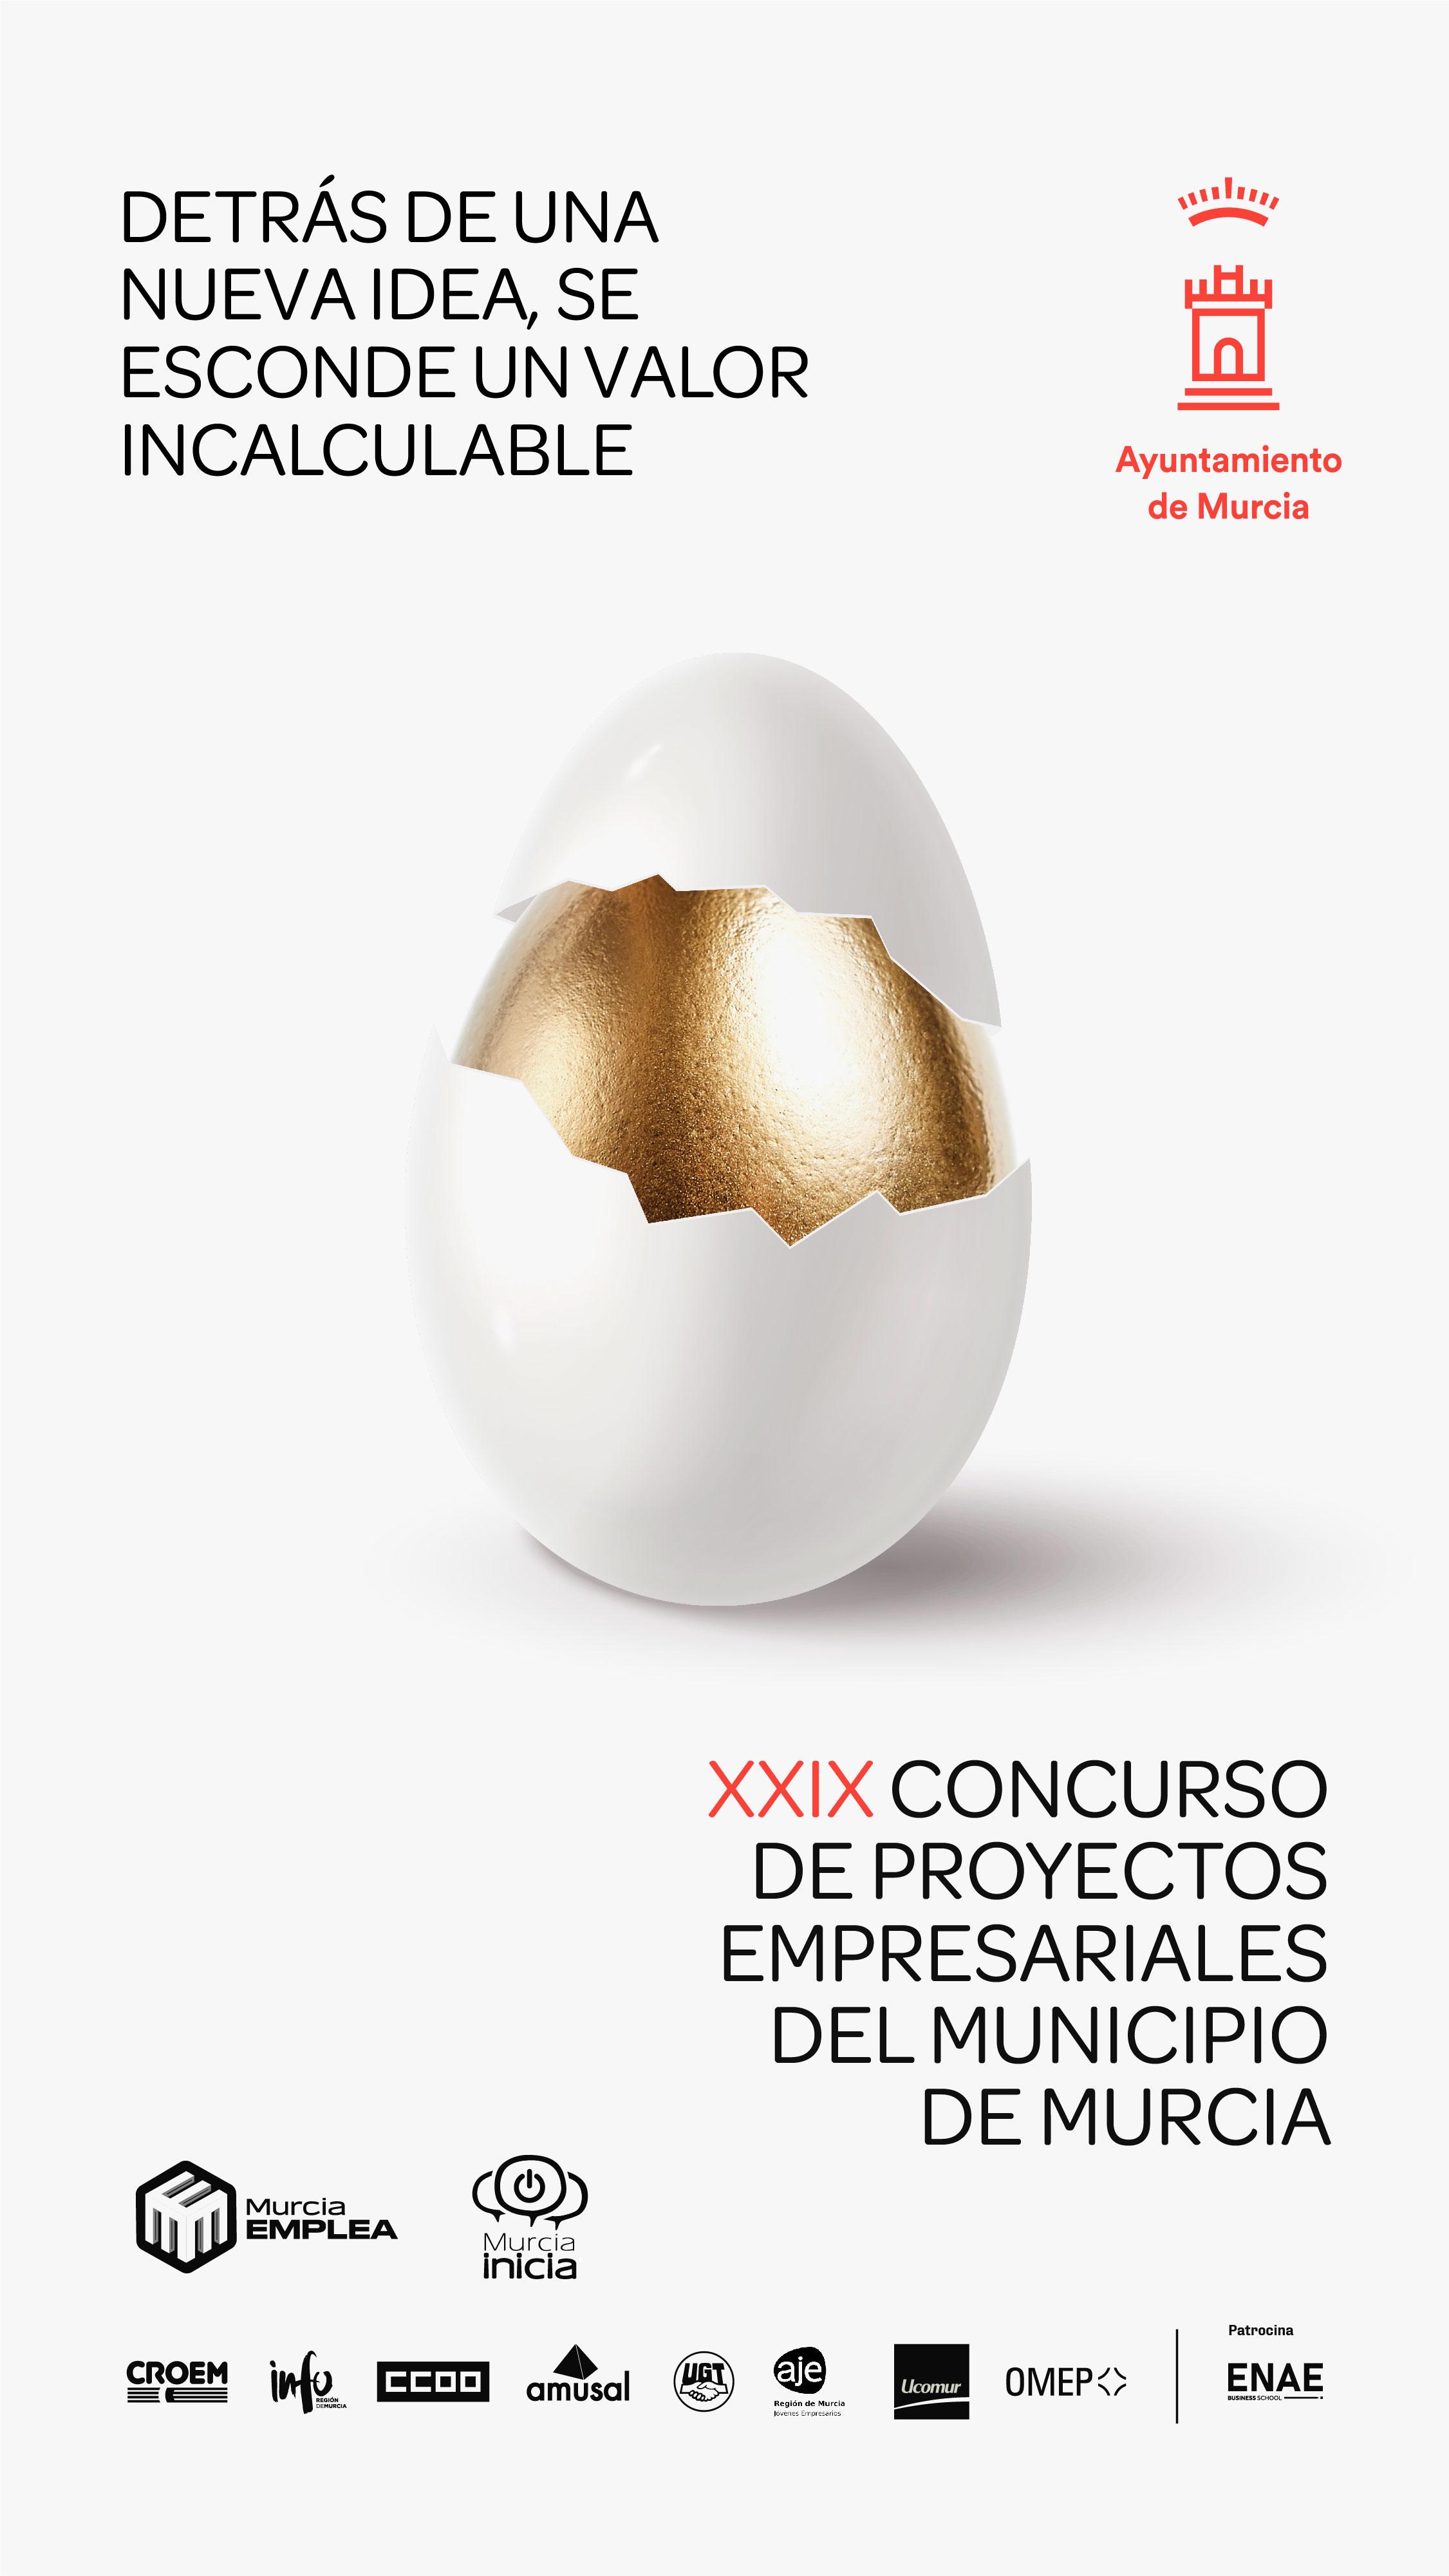 EL XXIX CONCURSO DE PROYECTOS EMPRESARIALES DEL AYUNTAMIENTO DE MURCIA ENTRA EN LA FASE DE ANÁLISIS DE PROYECTOS